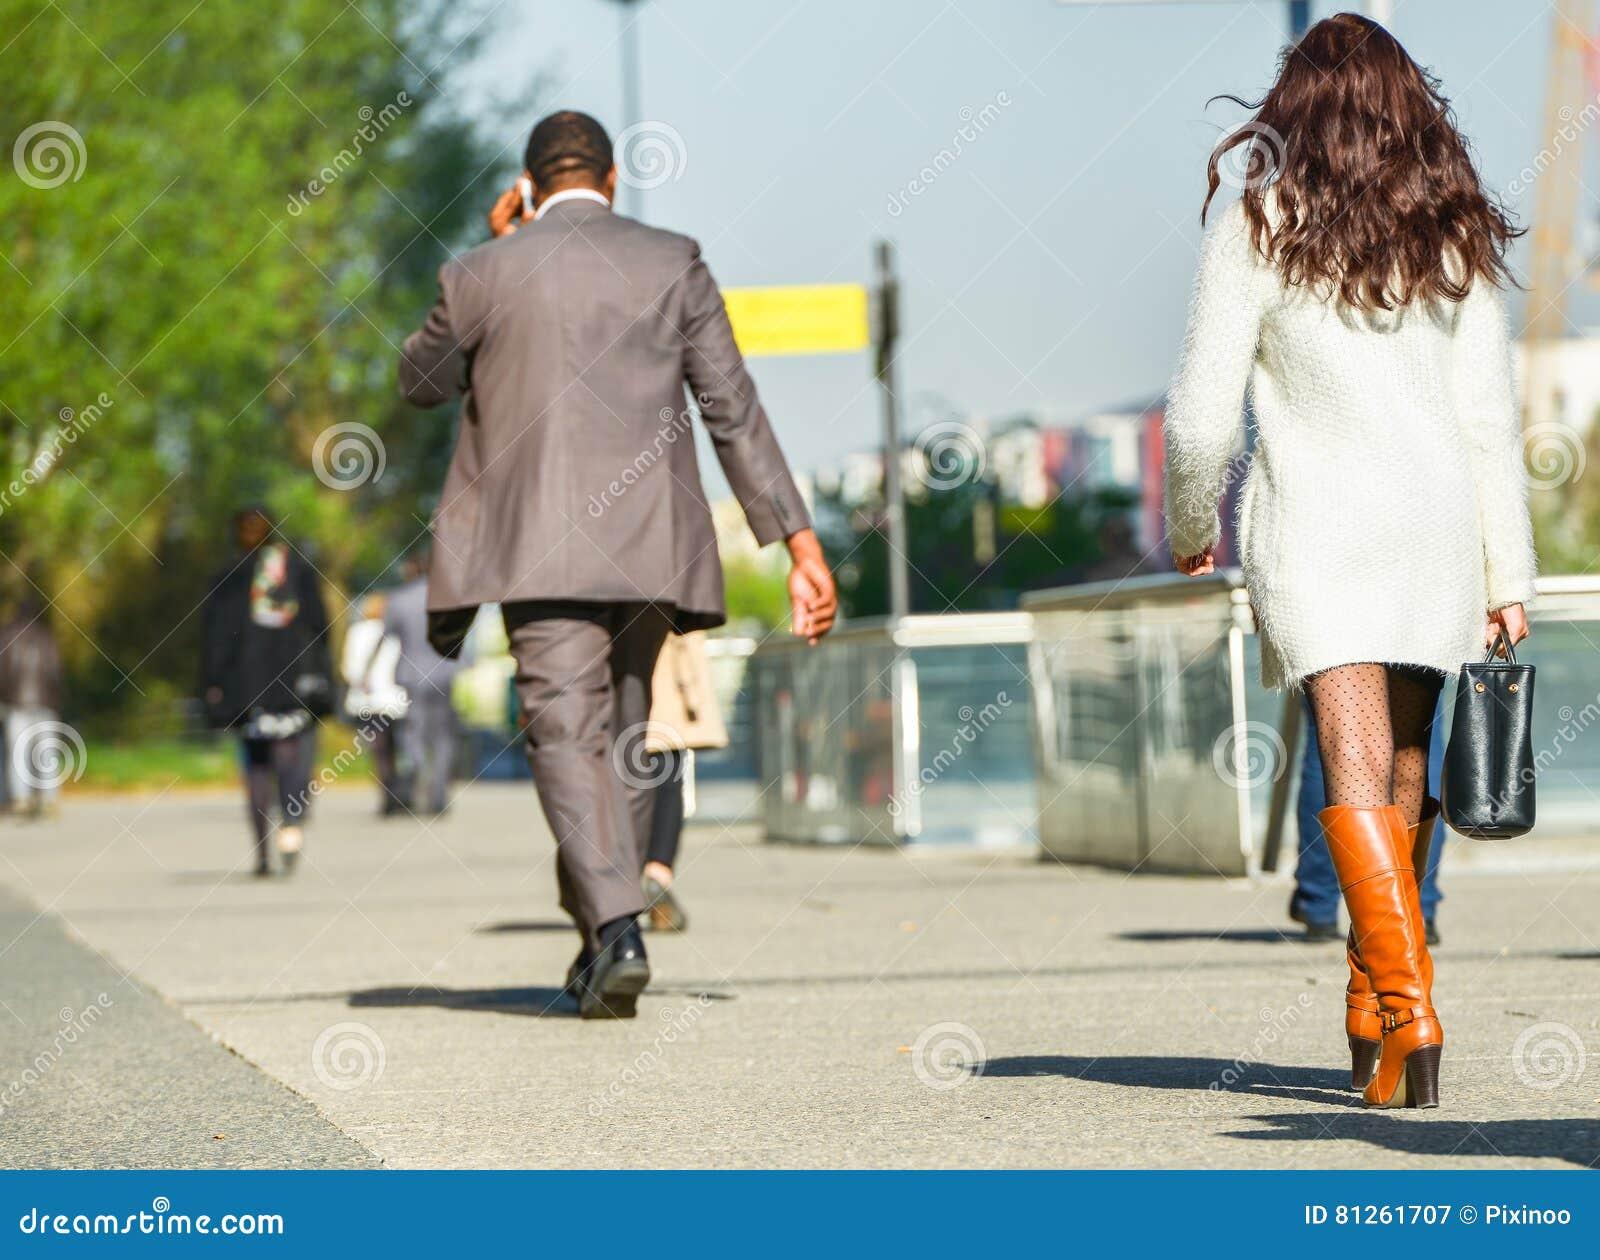 La-defensie, Frankrijk 10 April, 2014: portret van een bedrijfsvrouw die met zak op een straat lopen Zij draagt korte rok en eleg